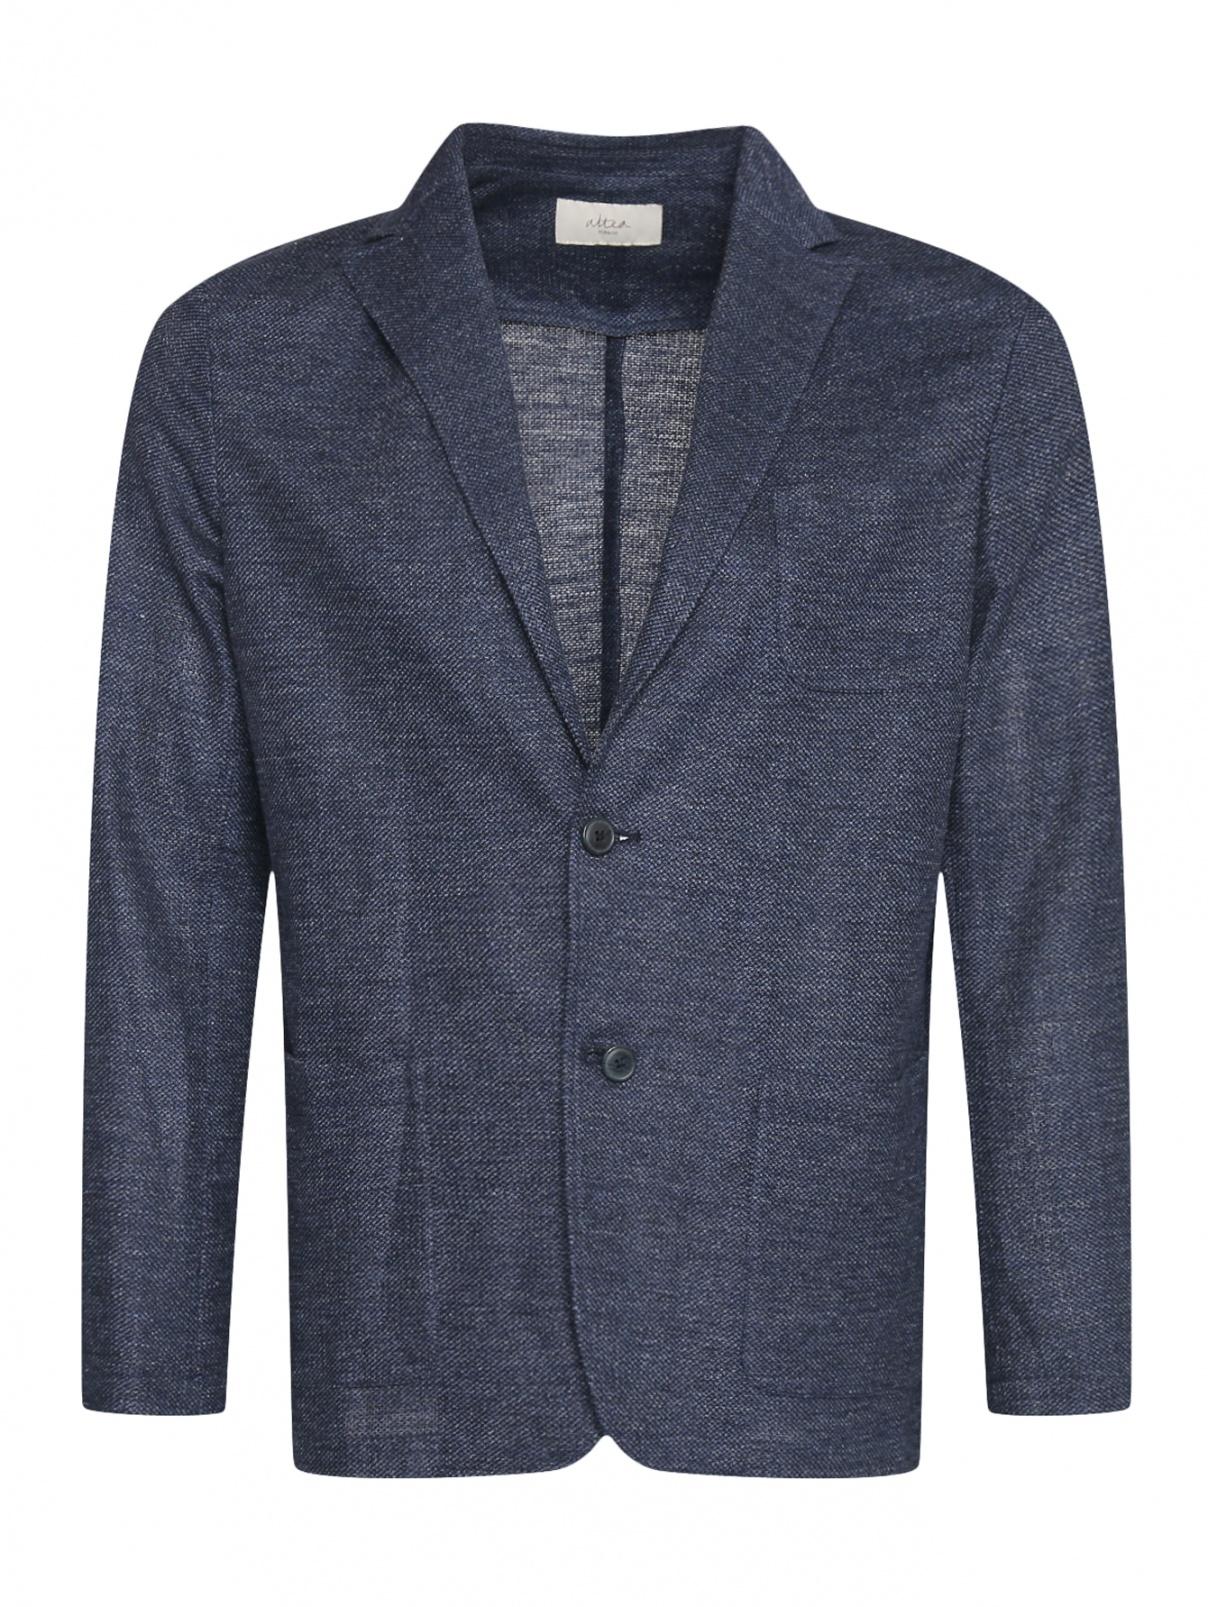 Облегченный пиджак из льна и хлопка Altea  –  Общий вид  – Цвет:  Синий